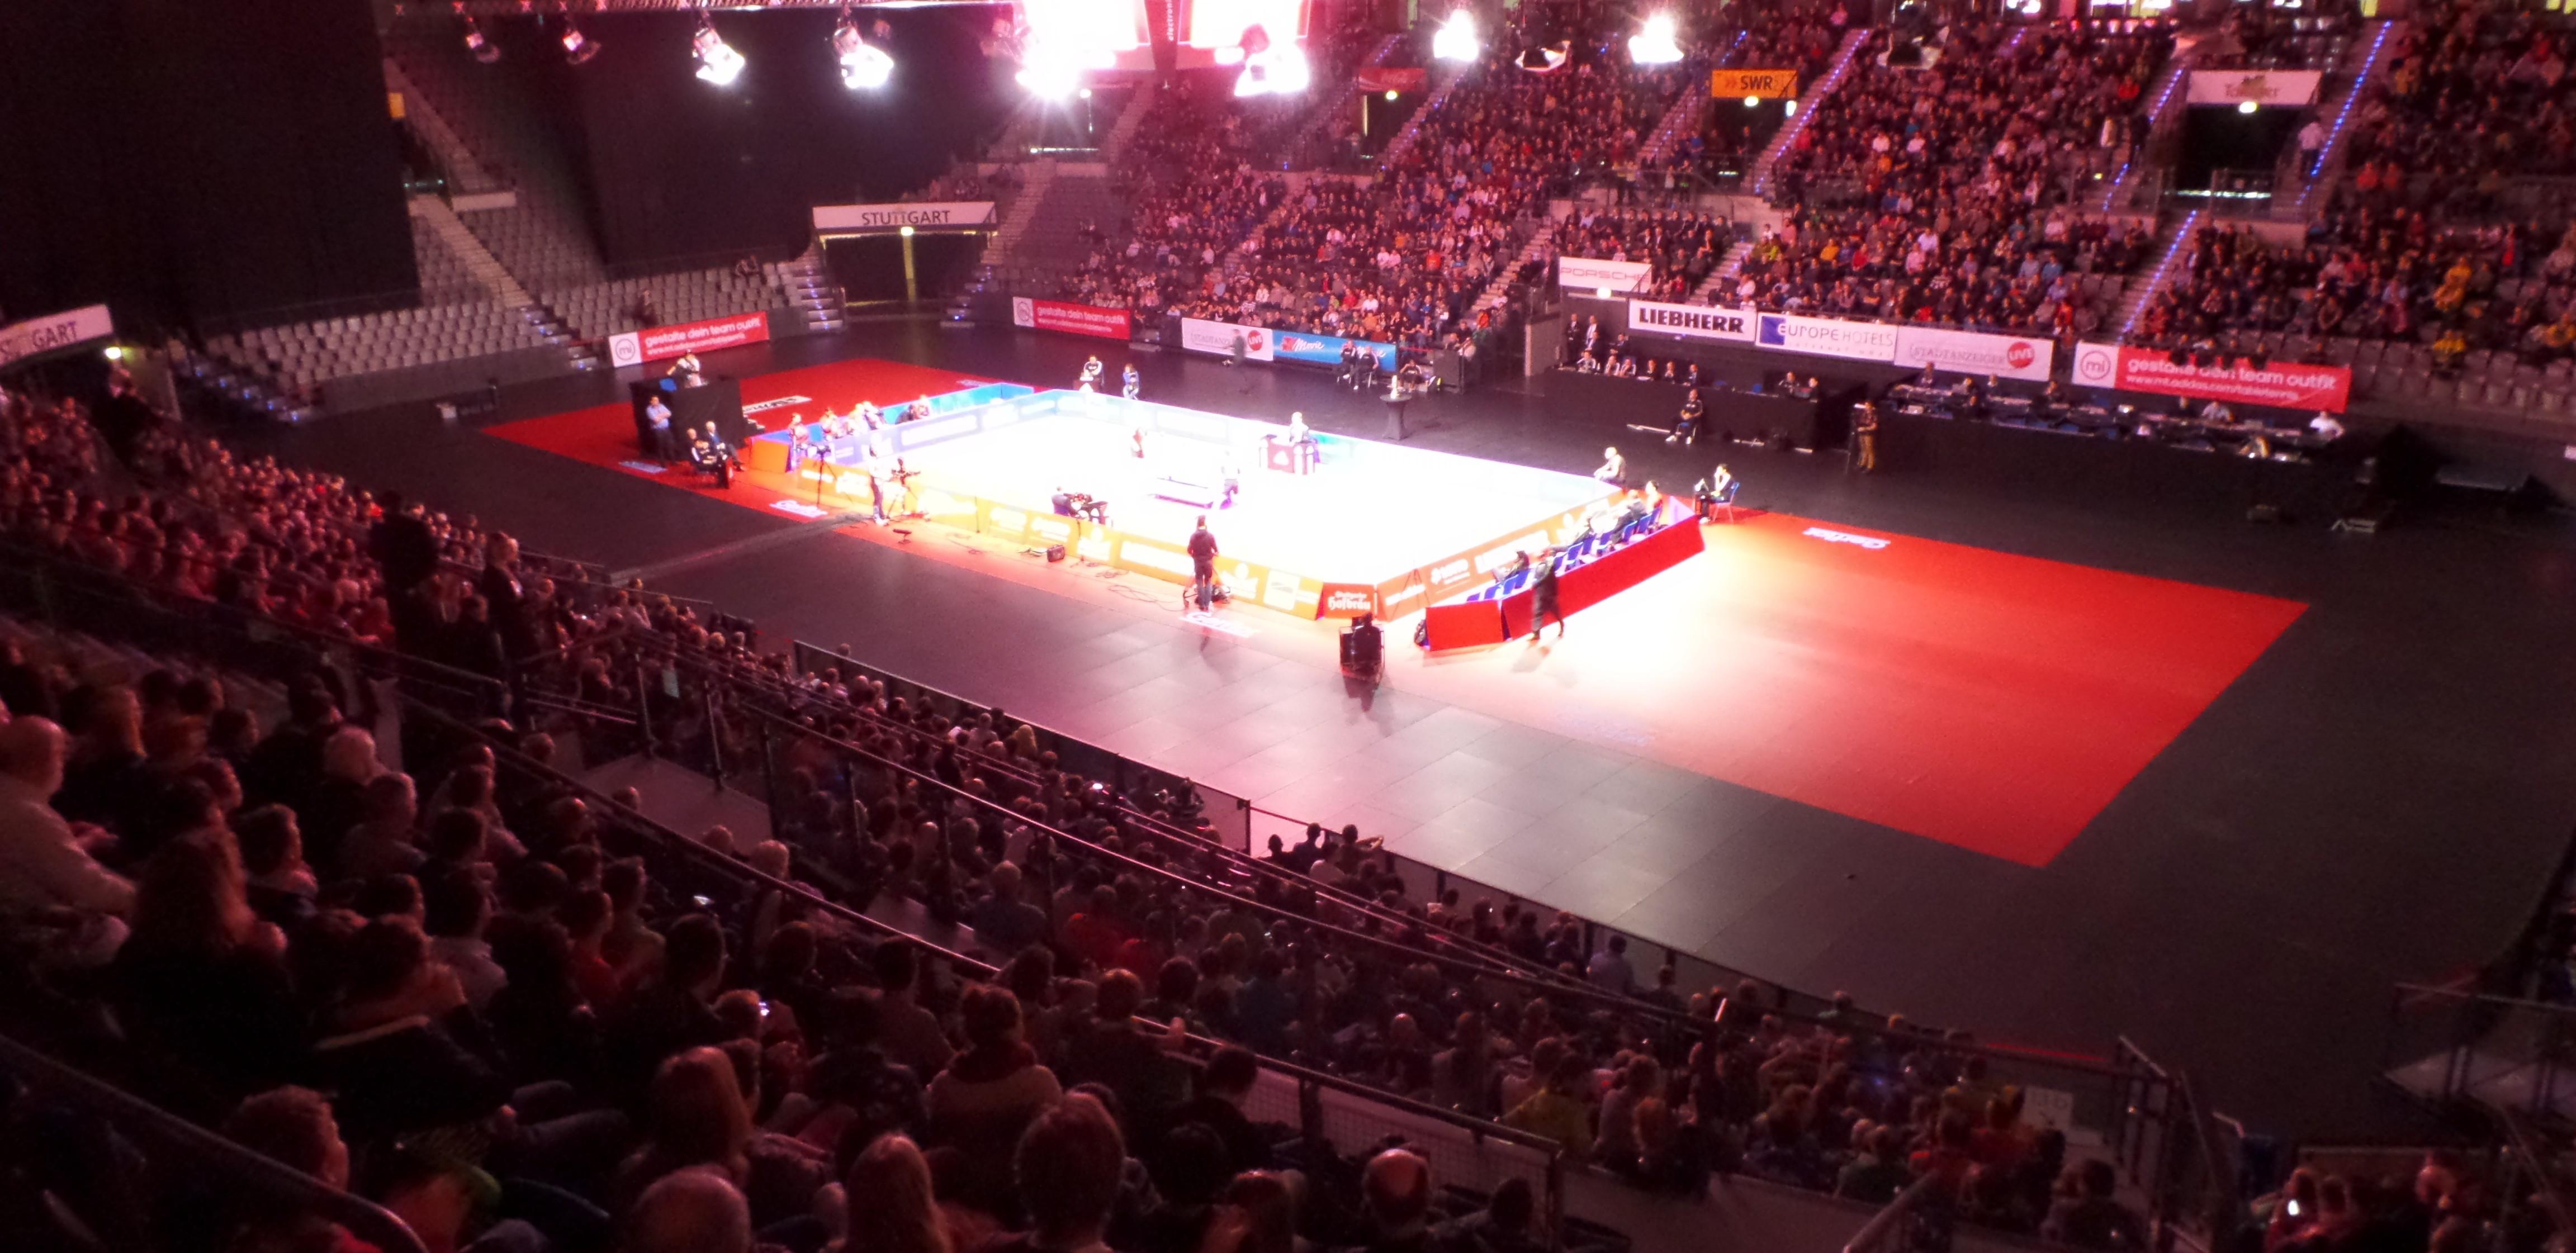 Ein Blick in die Porsche-Arena beim Finale Borussia Düsseldorf - TTC RhönSprudel Fulda-Maberzell